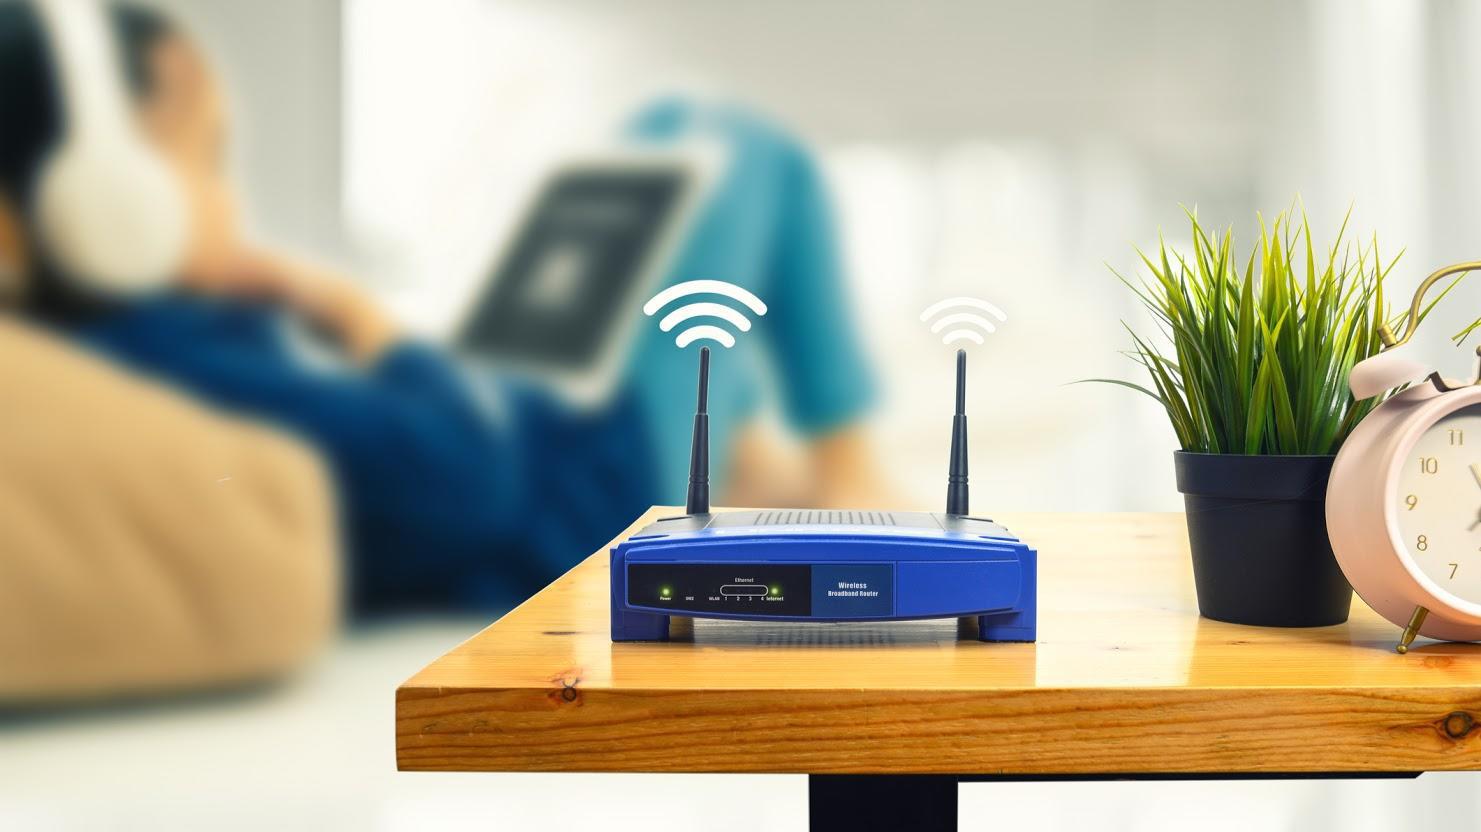 Hướng dẫn cải thiện tốc độ Wifi trong gia đình - Ảnh 3.